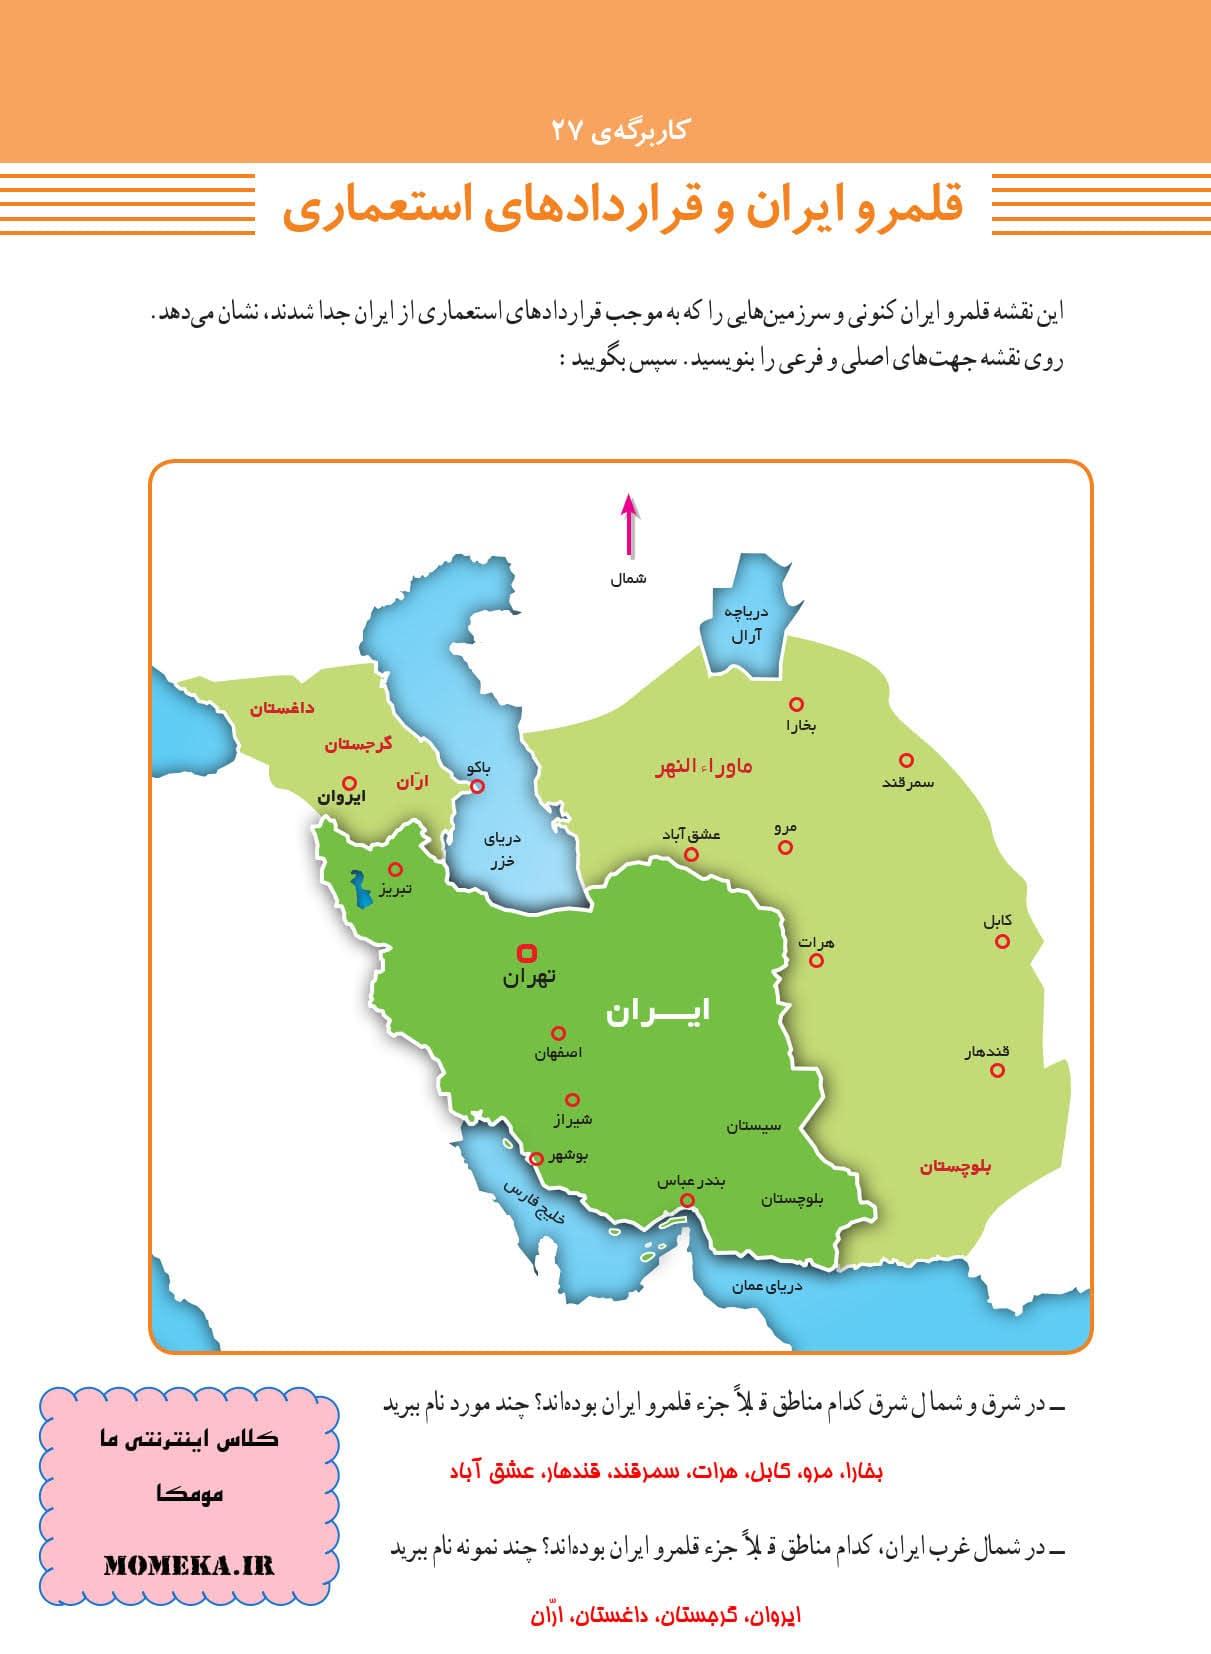 پاسخ کاربرگه 27 بیست و هفتم - درس بیست و دوم مطالعات اجتماعی ششم ابتدایی - مبارزه ی مردم ایران با استعمار - درس و مدرسه - مومکا